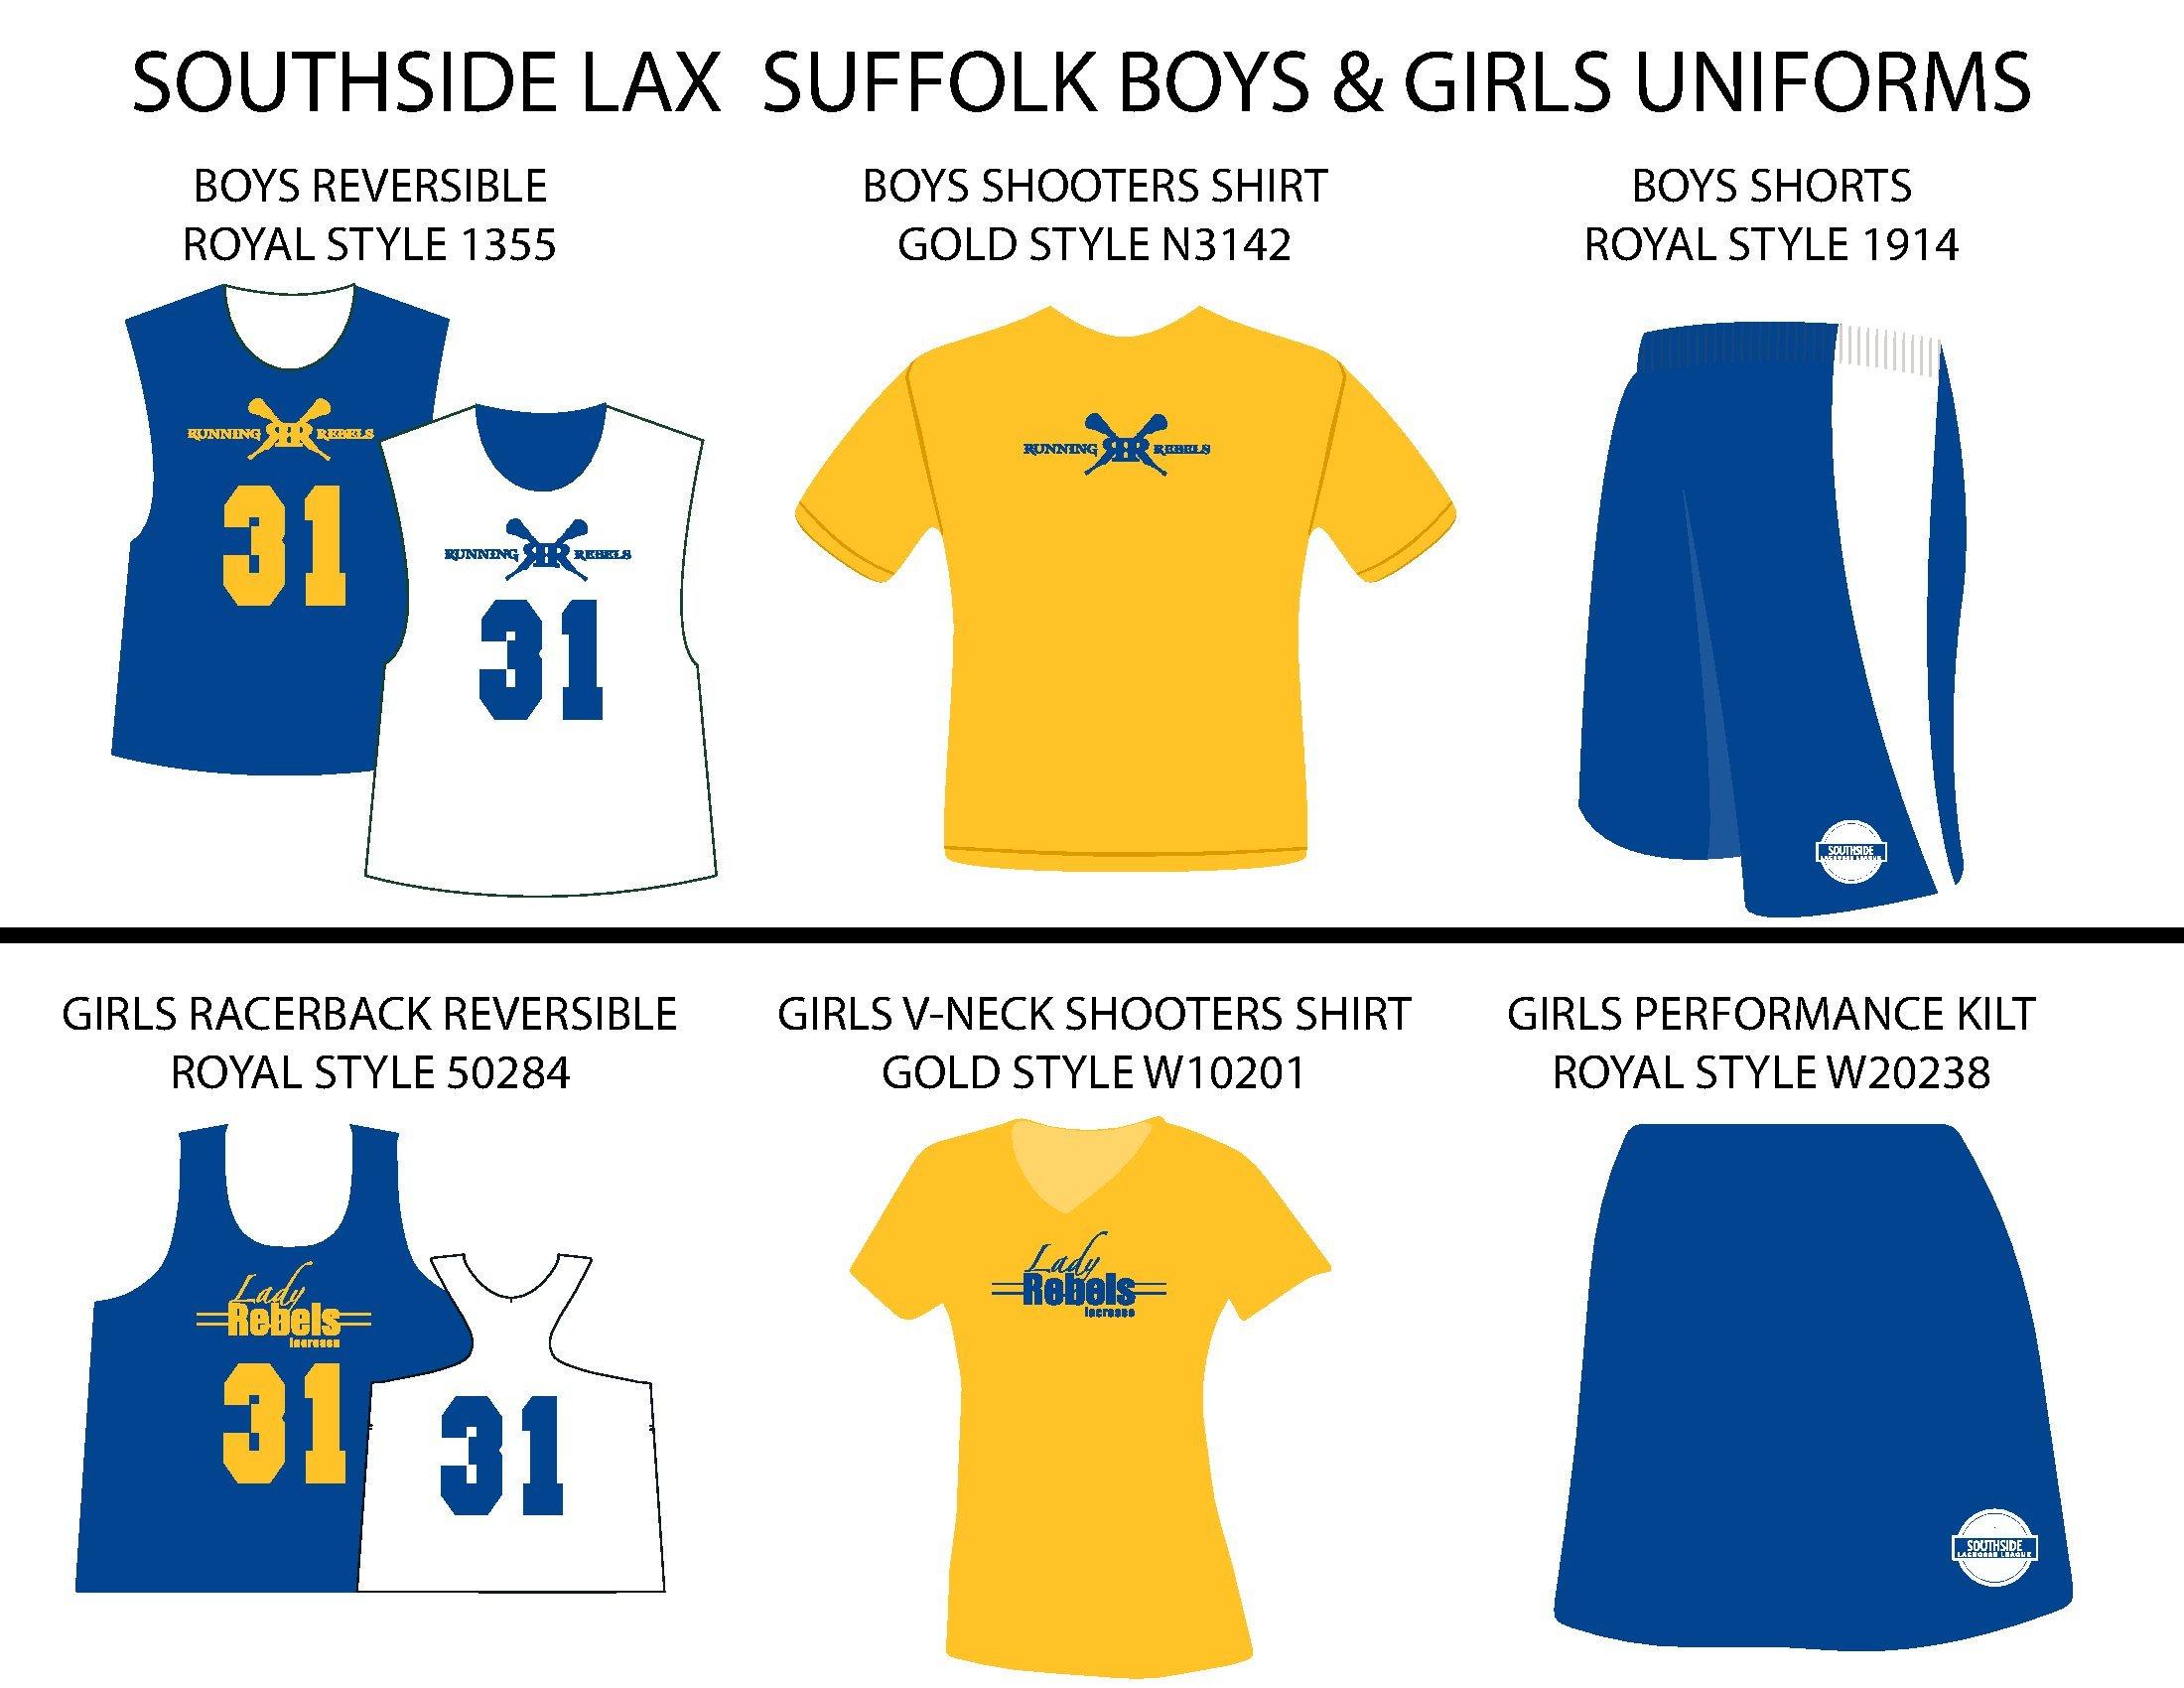 Southside Lacrosse Suffolk Uniforms